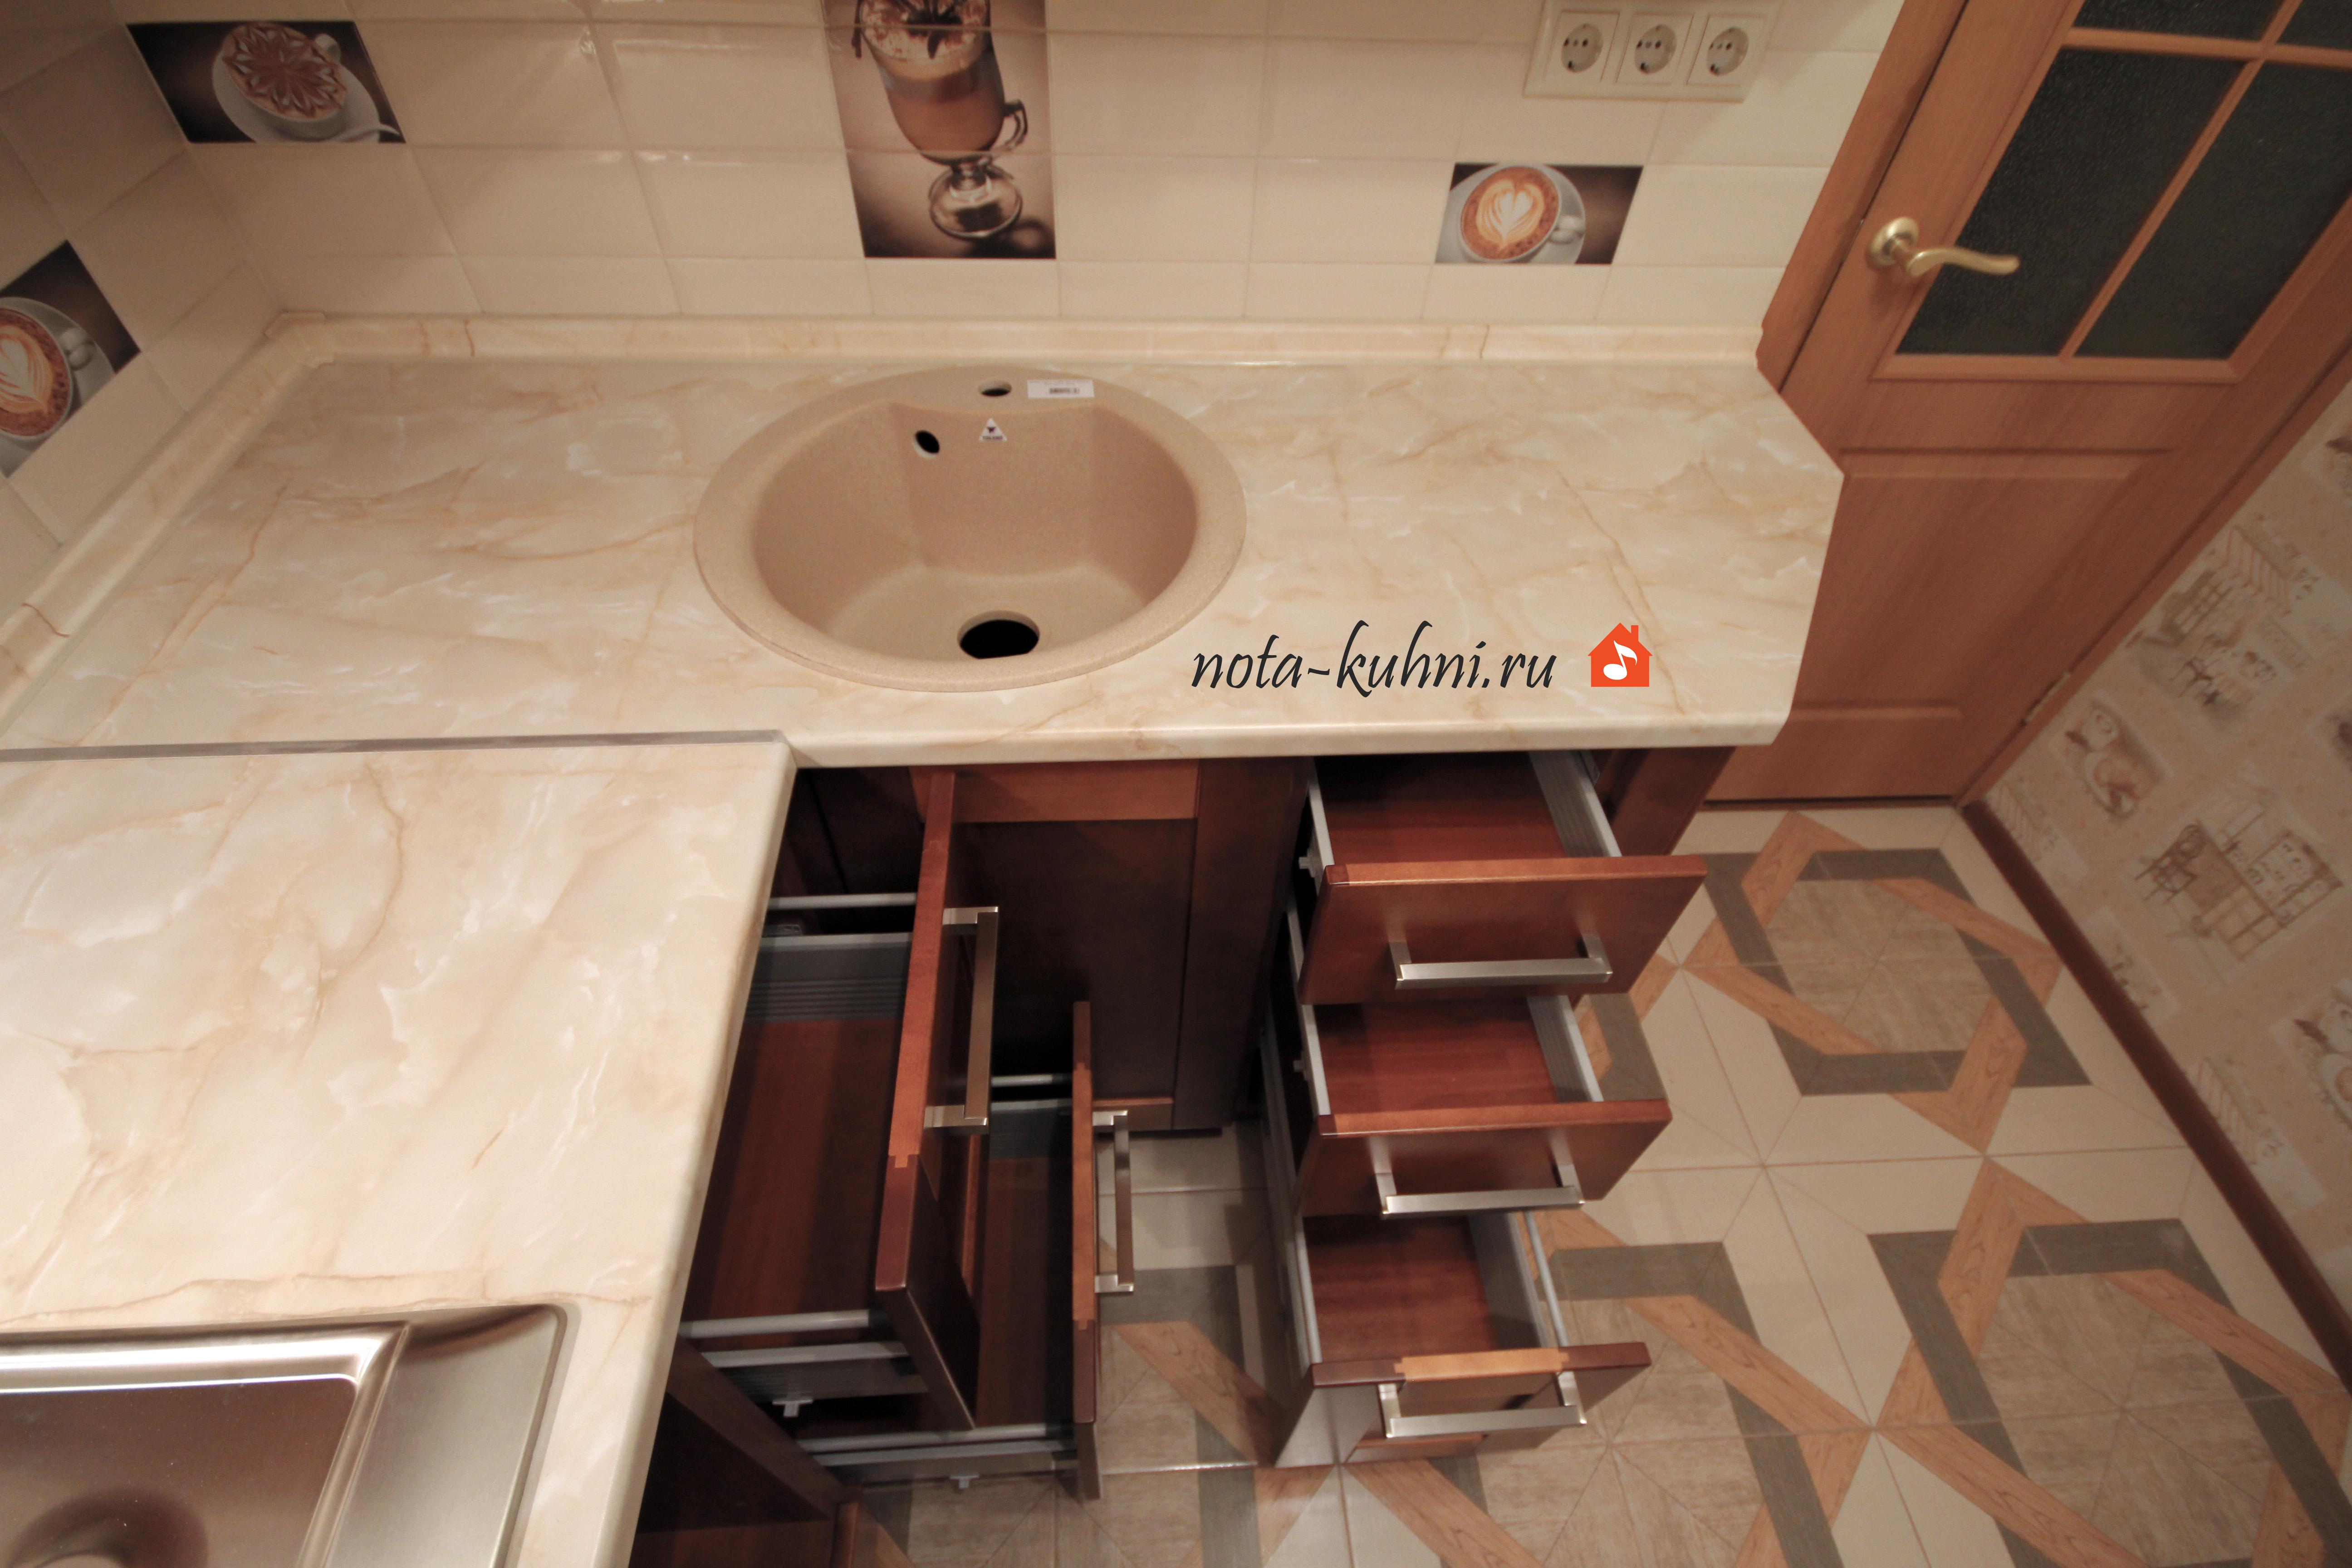 Фурнитура blum в кухонном гарнитуре